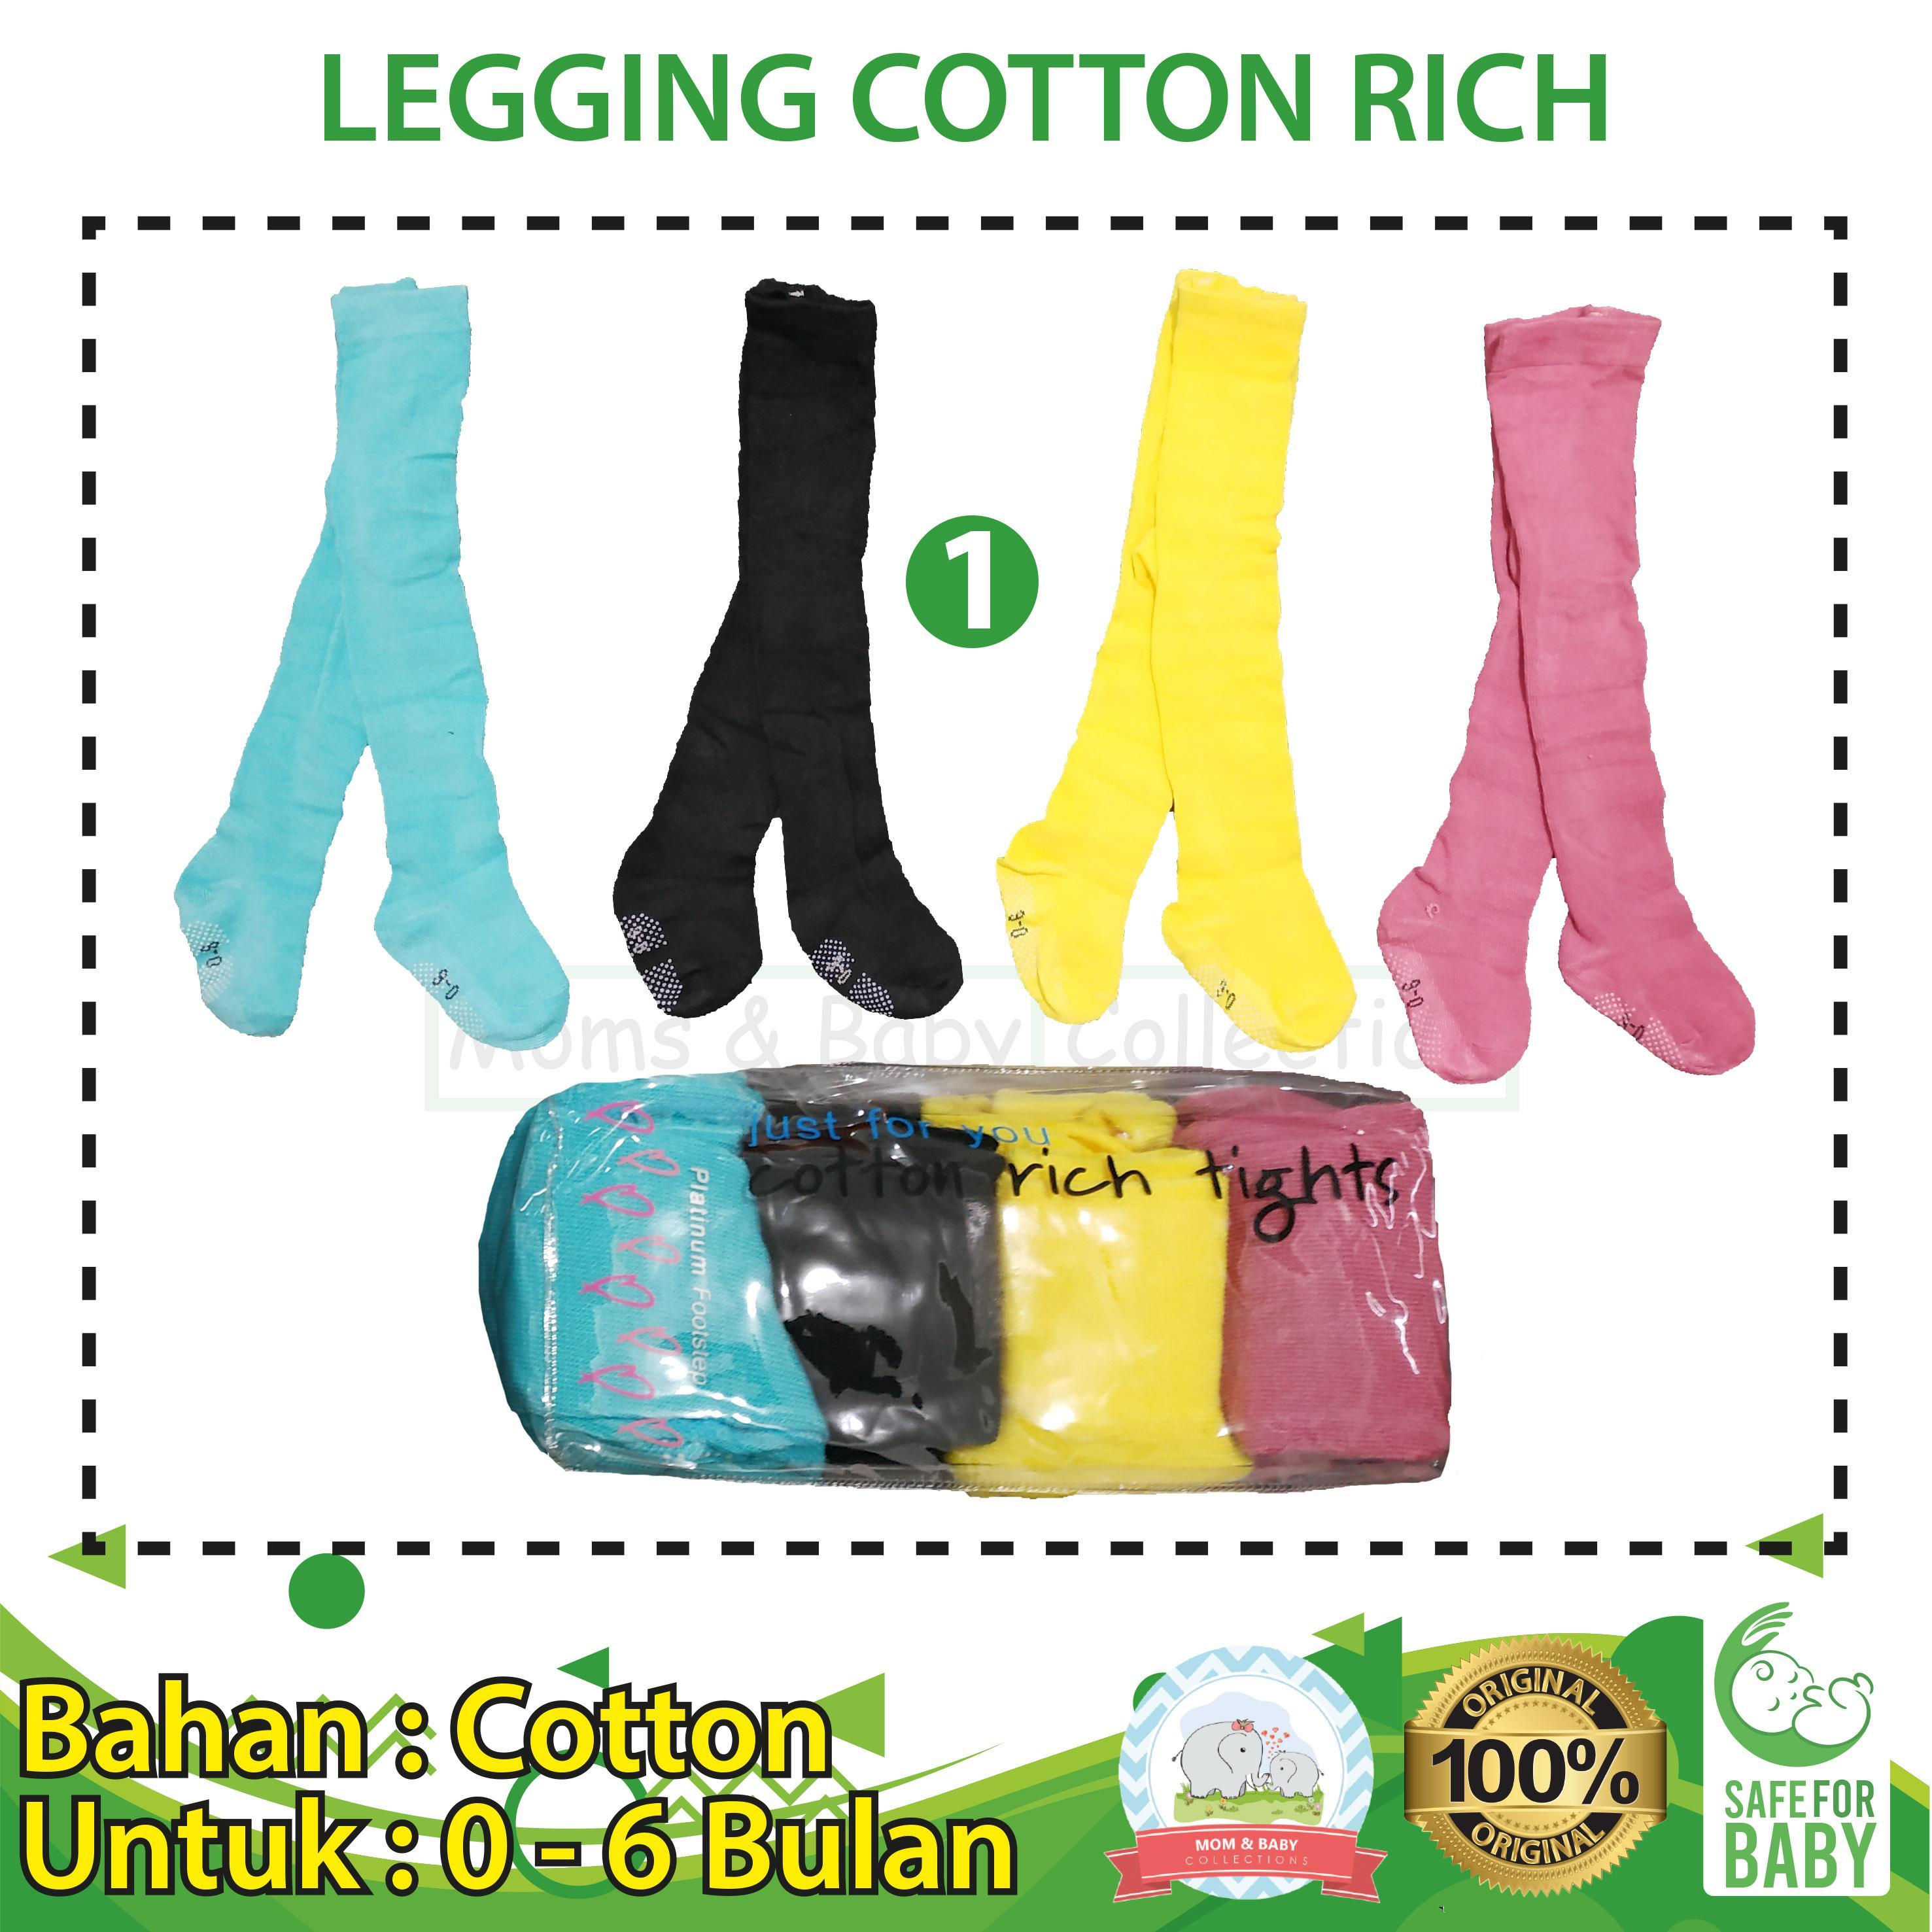 Legging Bayi Cotton Rich 4 In 1 Uk 0 - 6 Bulan